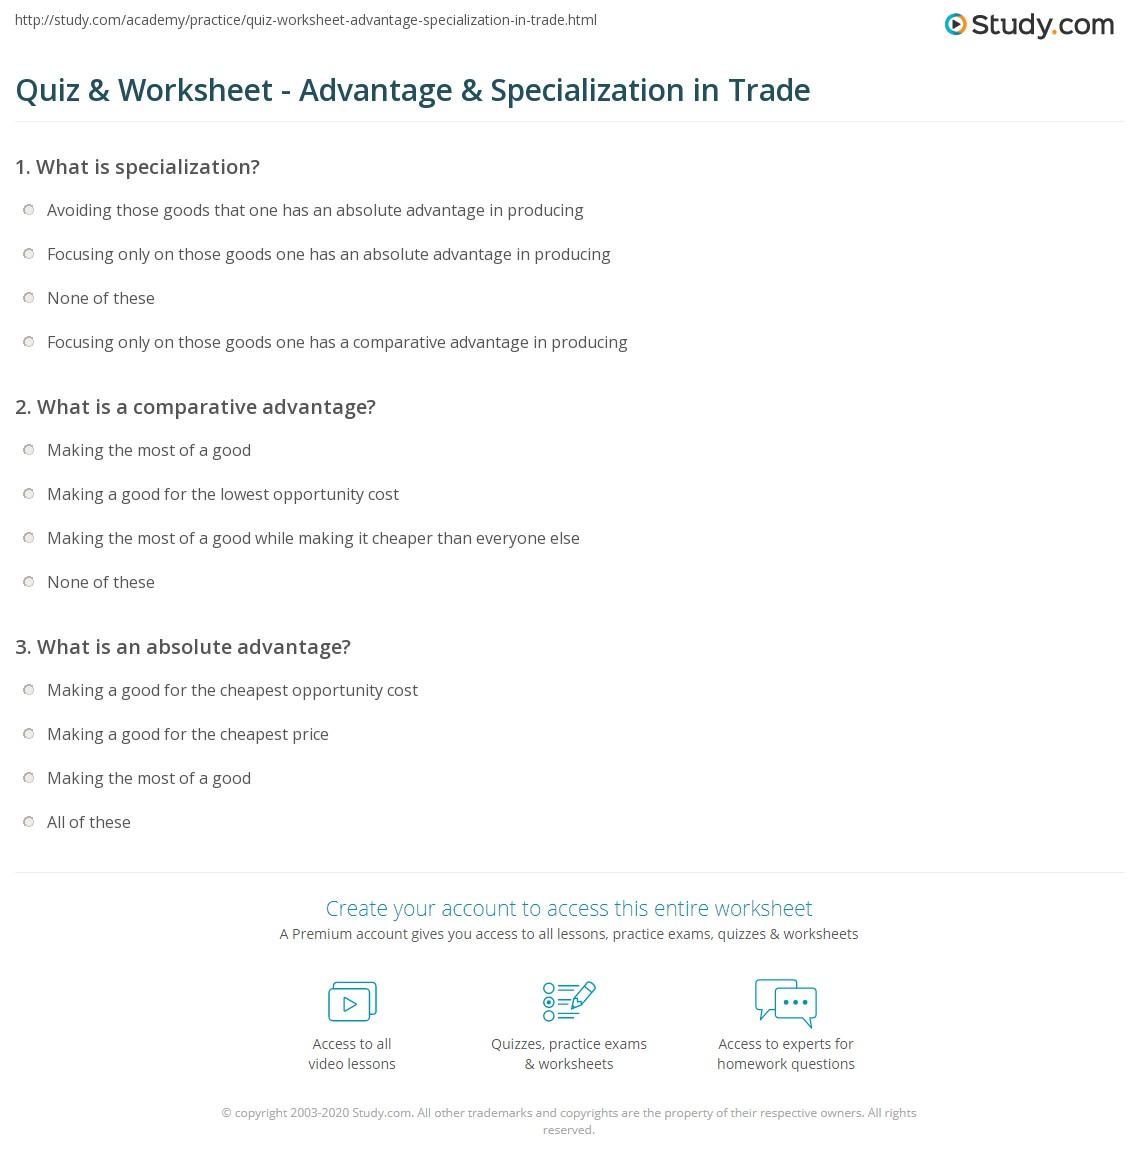 quiz worksheet advantage specialization in trade. Black Bedroom Furniture Sets. Home Design Ideas